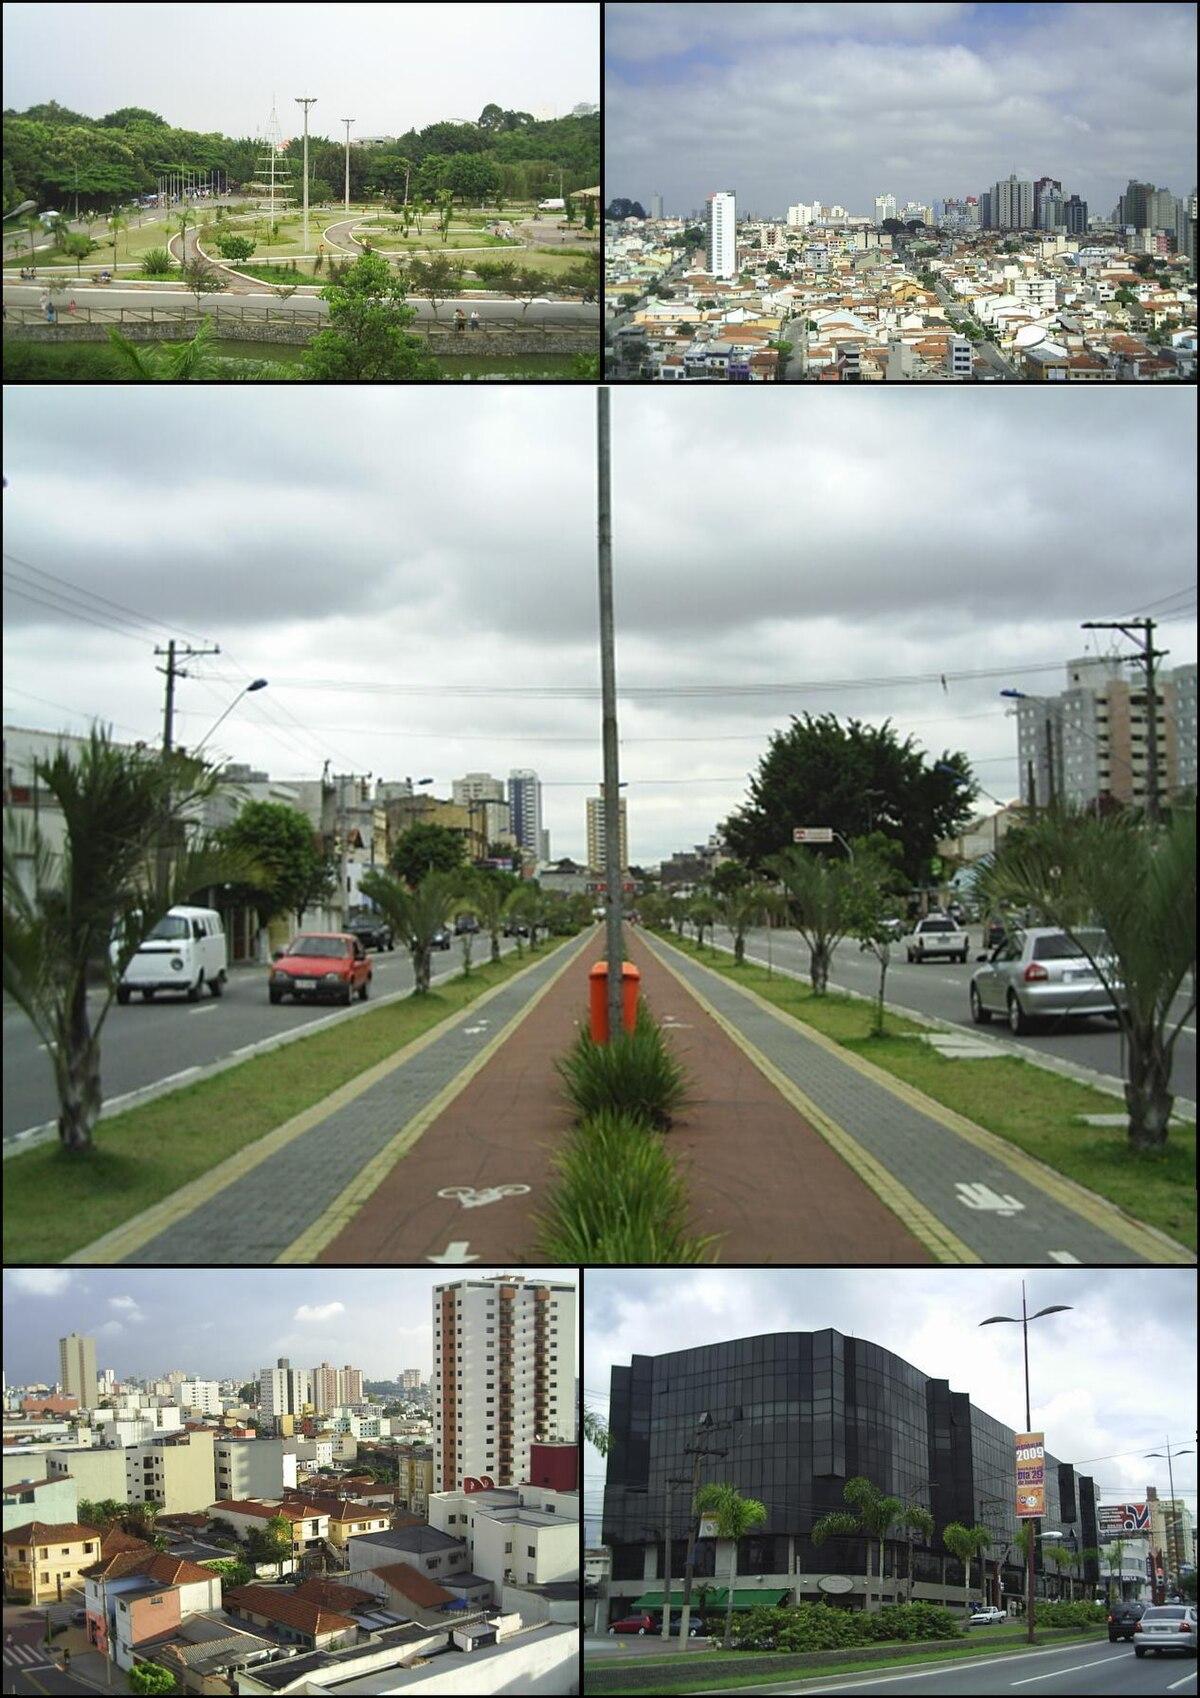 Sao Caetano Do Sul Wikipedia